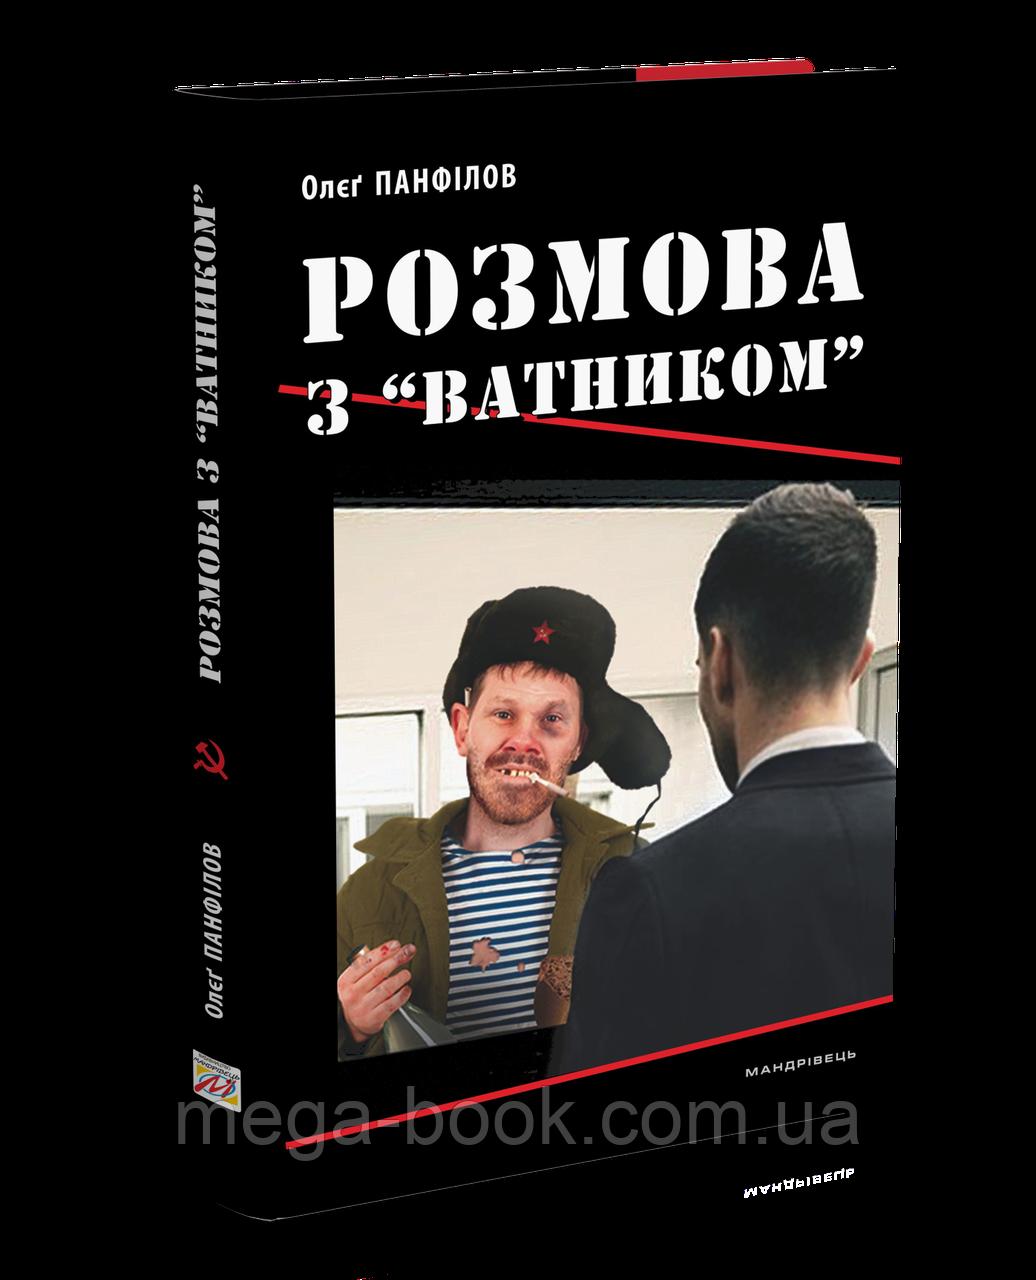 """Розмова з """"ватником"""". Панфілов О."""